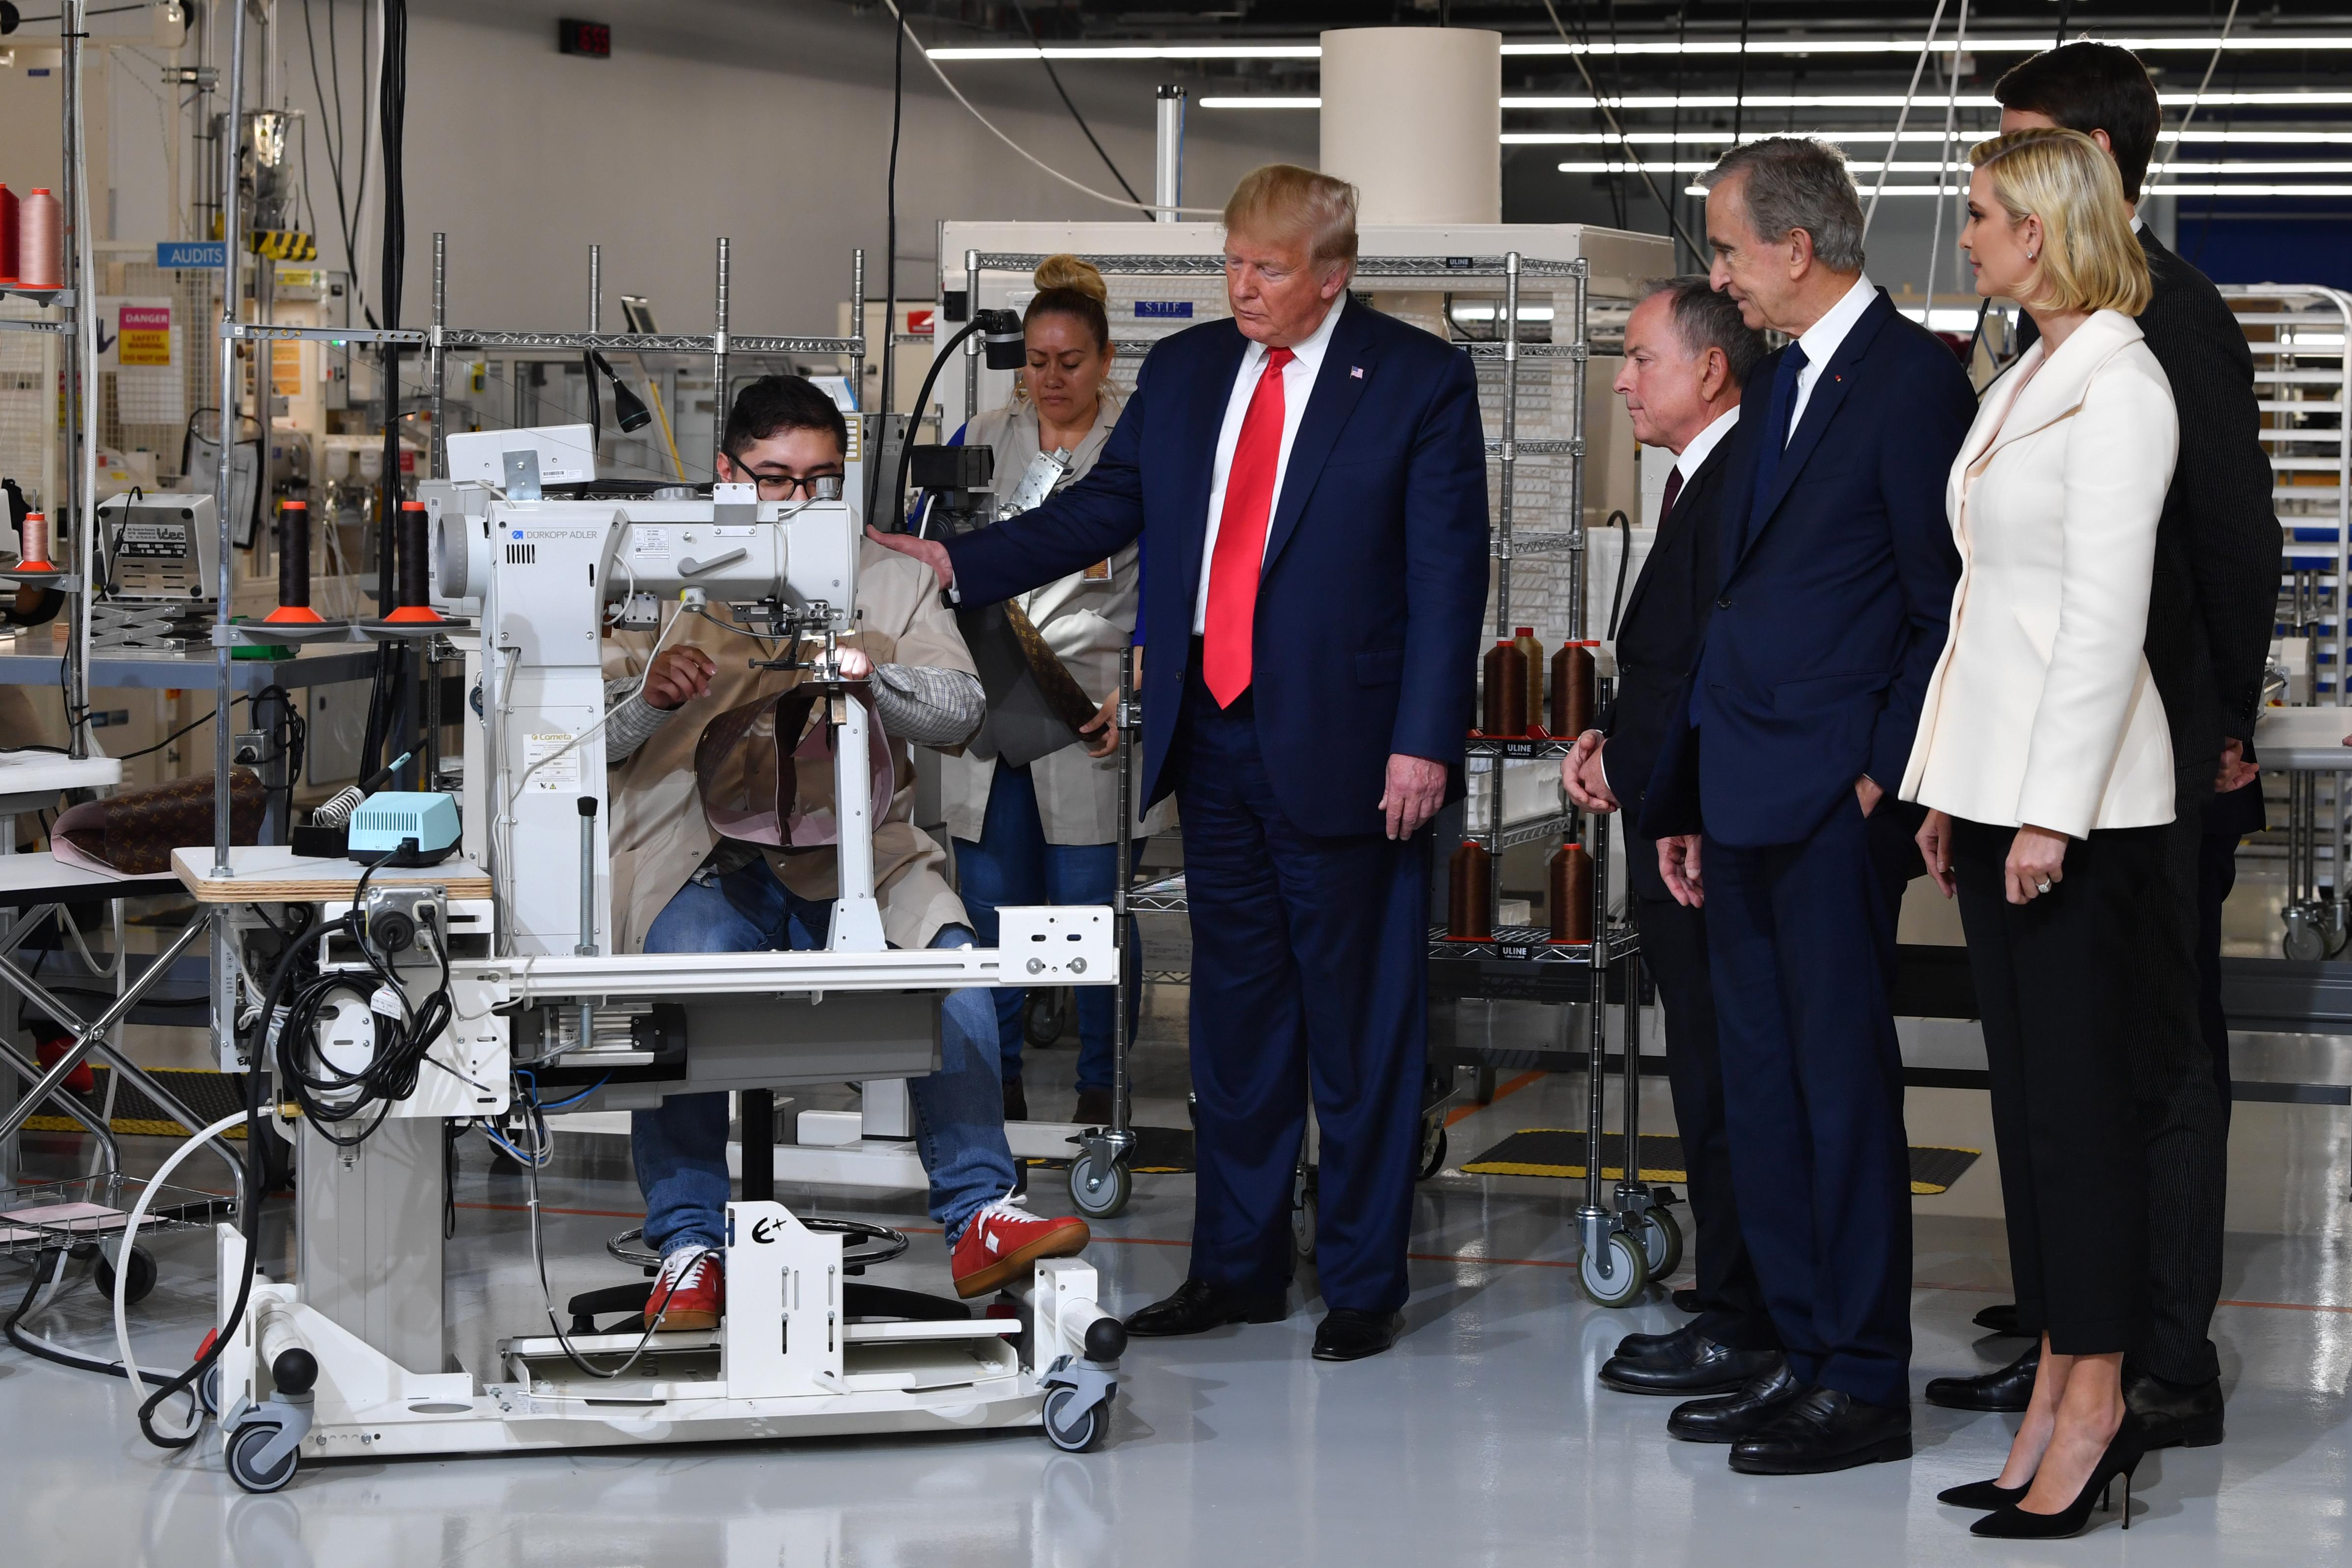 Trump adóreformja sem tudta felpörgetni az amerikai gazdaságot, 3 százalék alatt maradt a növekedés